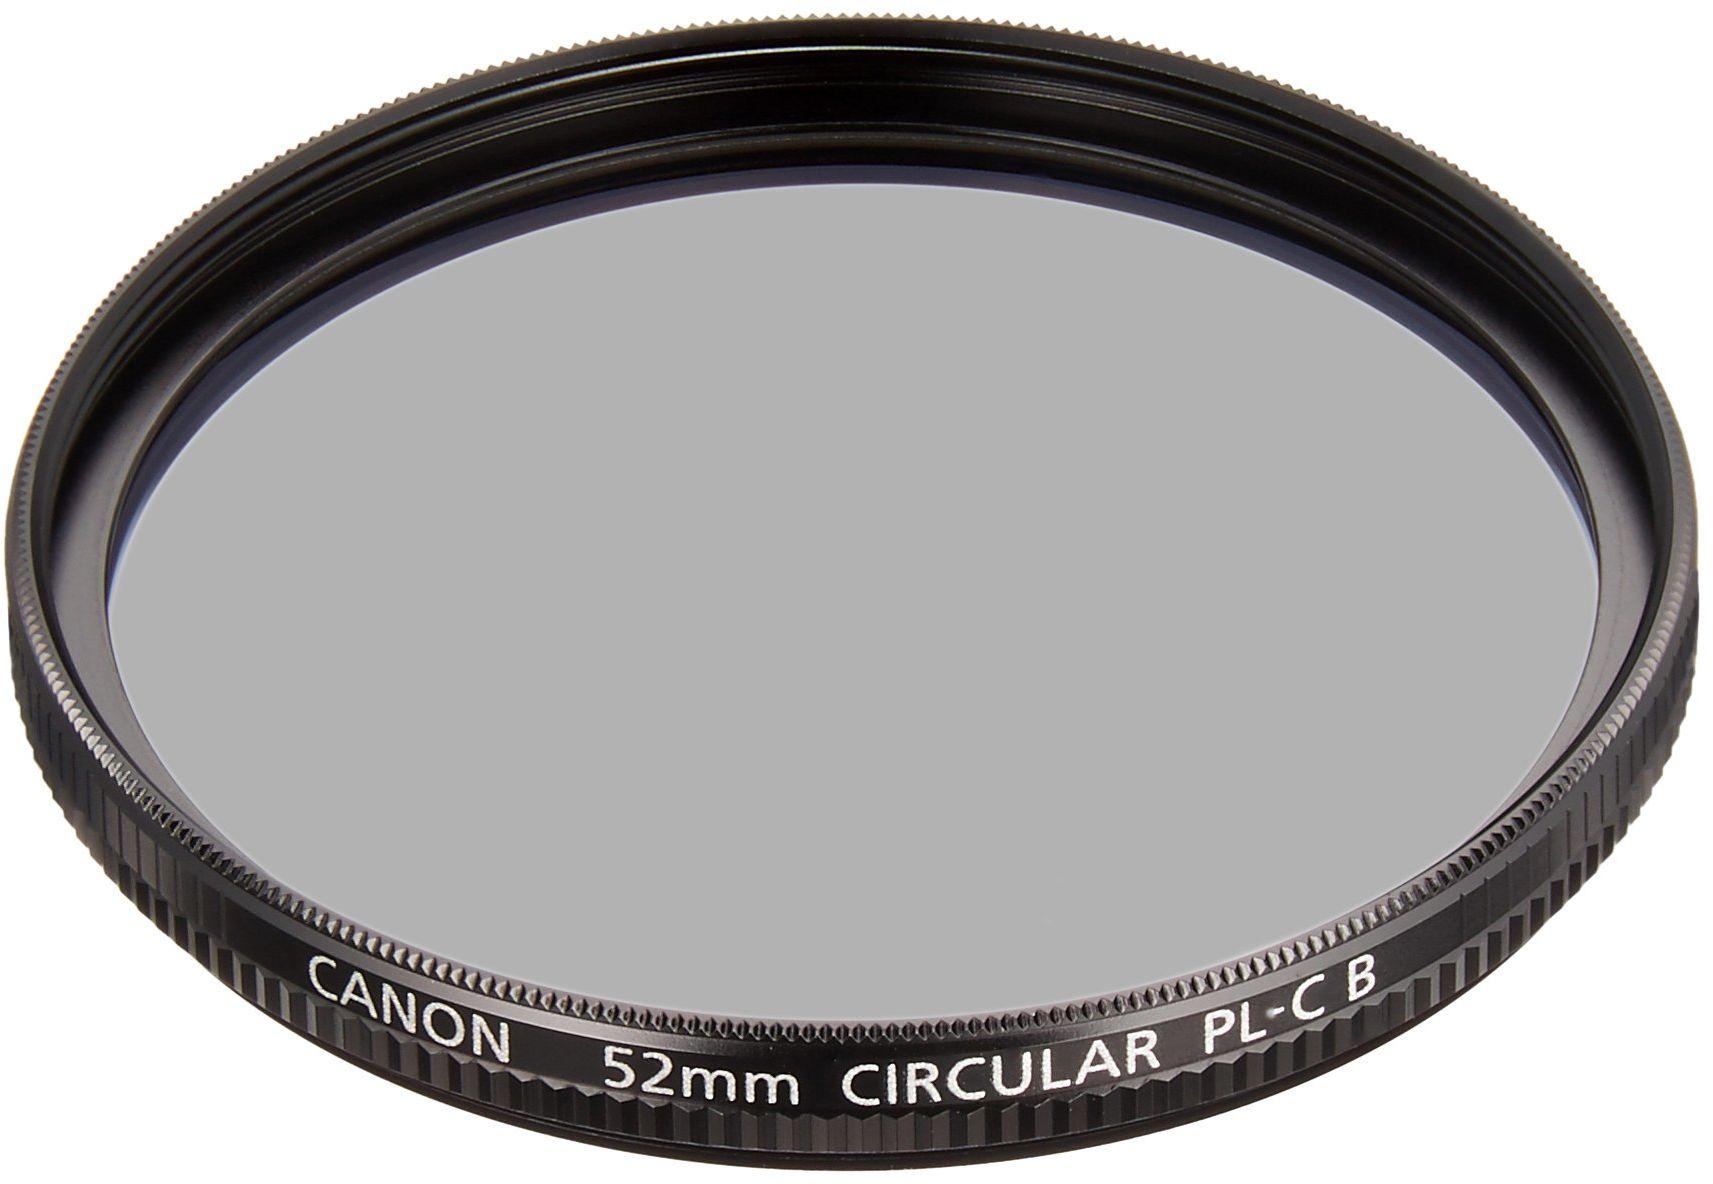 Canon PL-C B filtr polaryzacyjny 52 mm pasujący do każdej soczewki z gwintem 52 mm, czarny